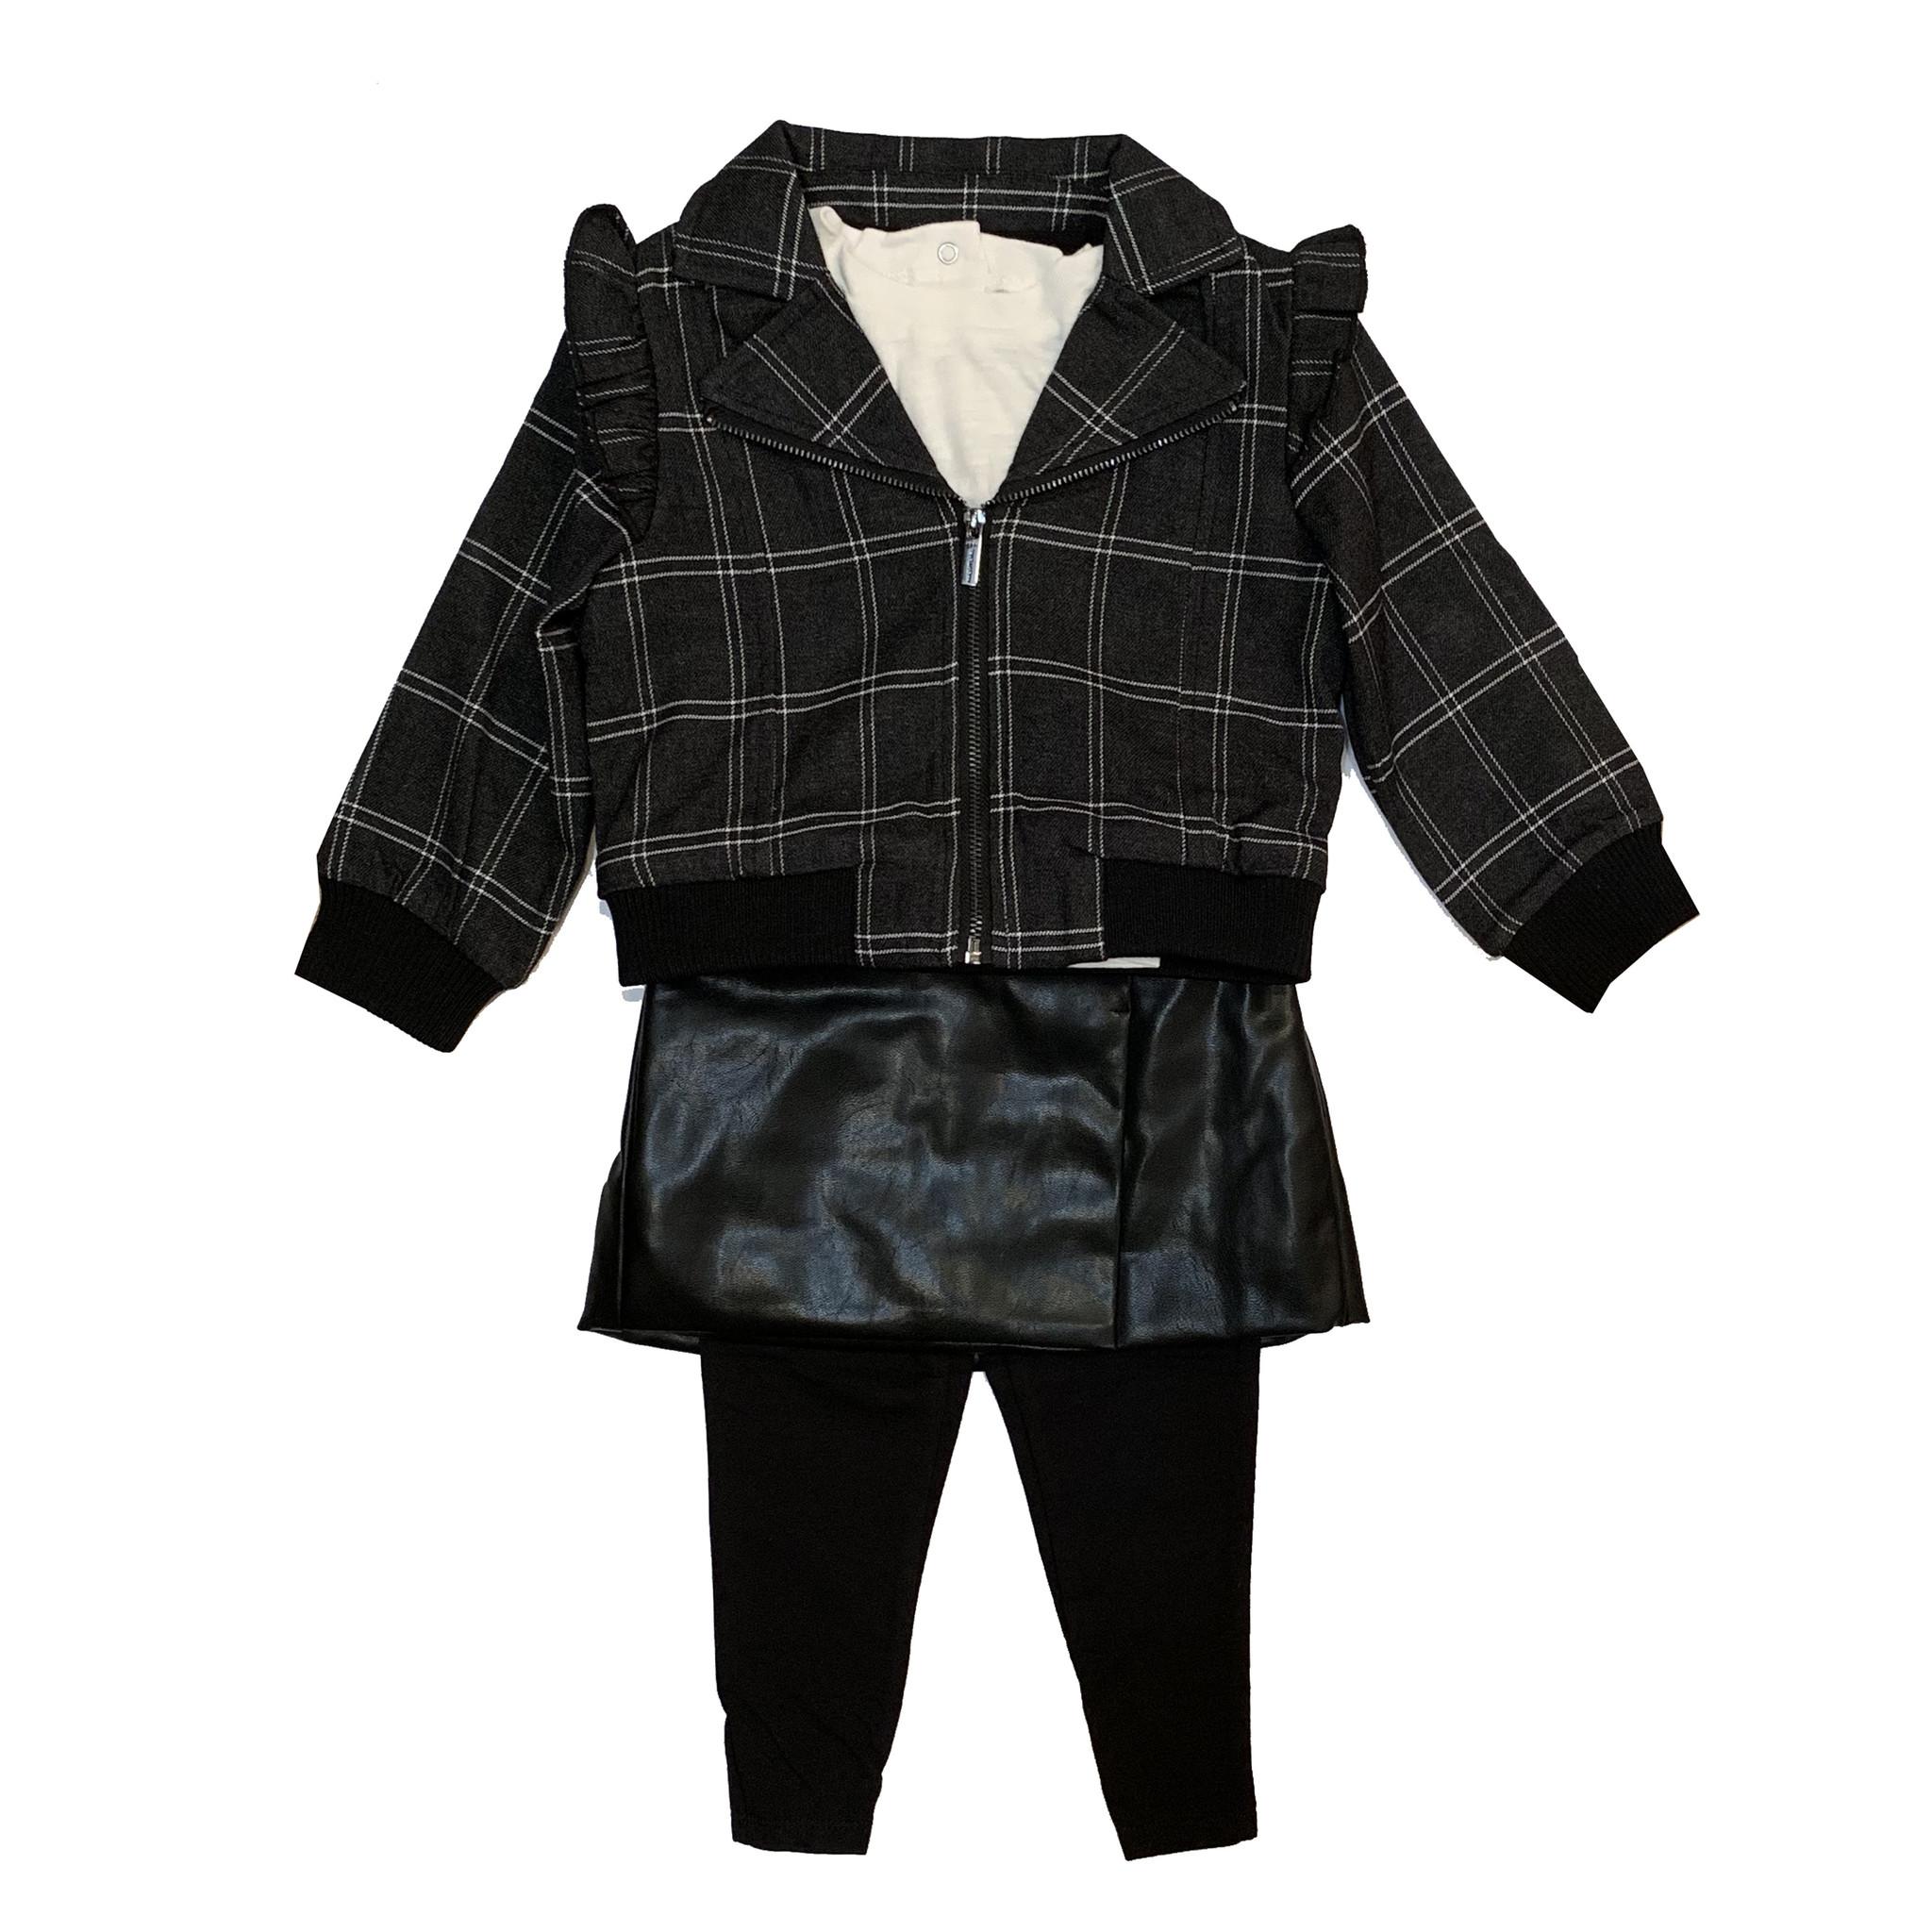 Habitual Skirted Legging & Jacket Set